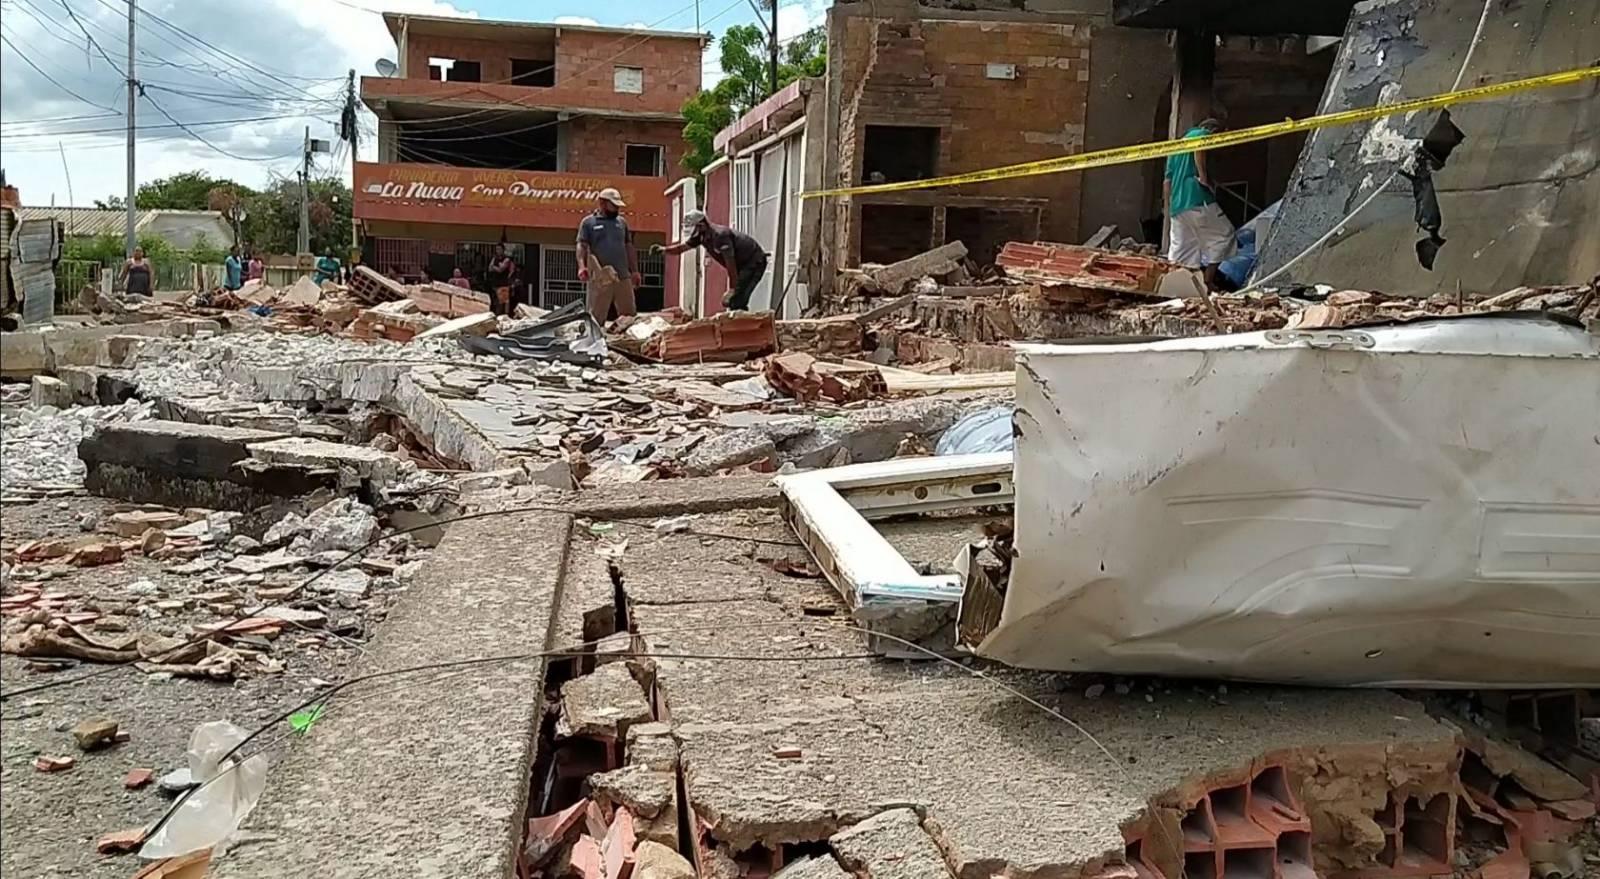 Falleció niña de un año de edad víctima de explosión en Maracaibo